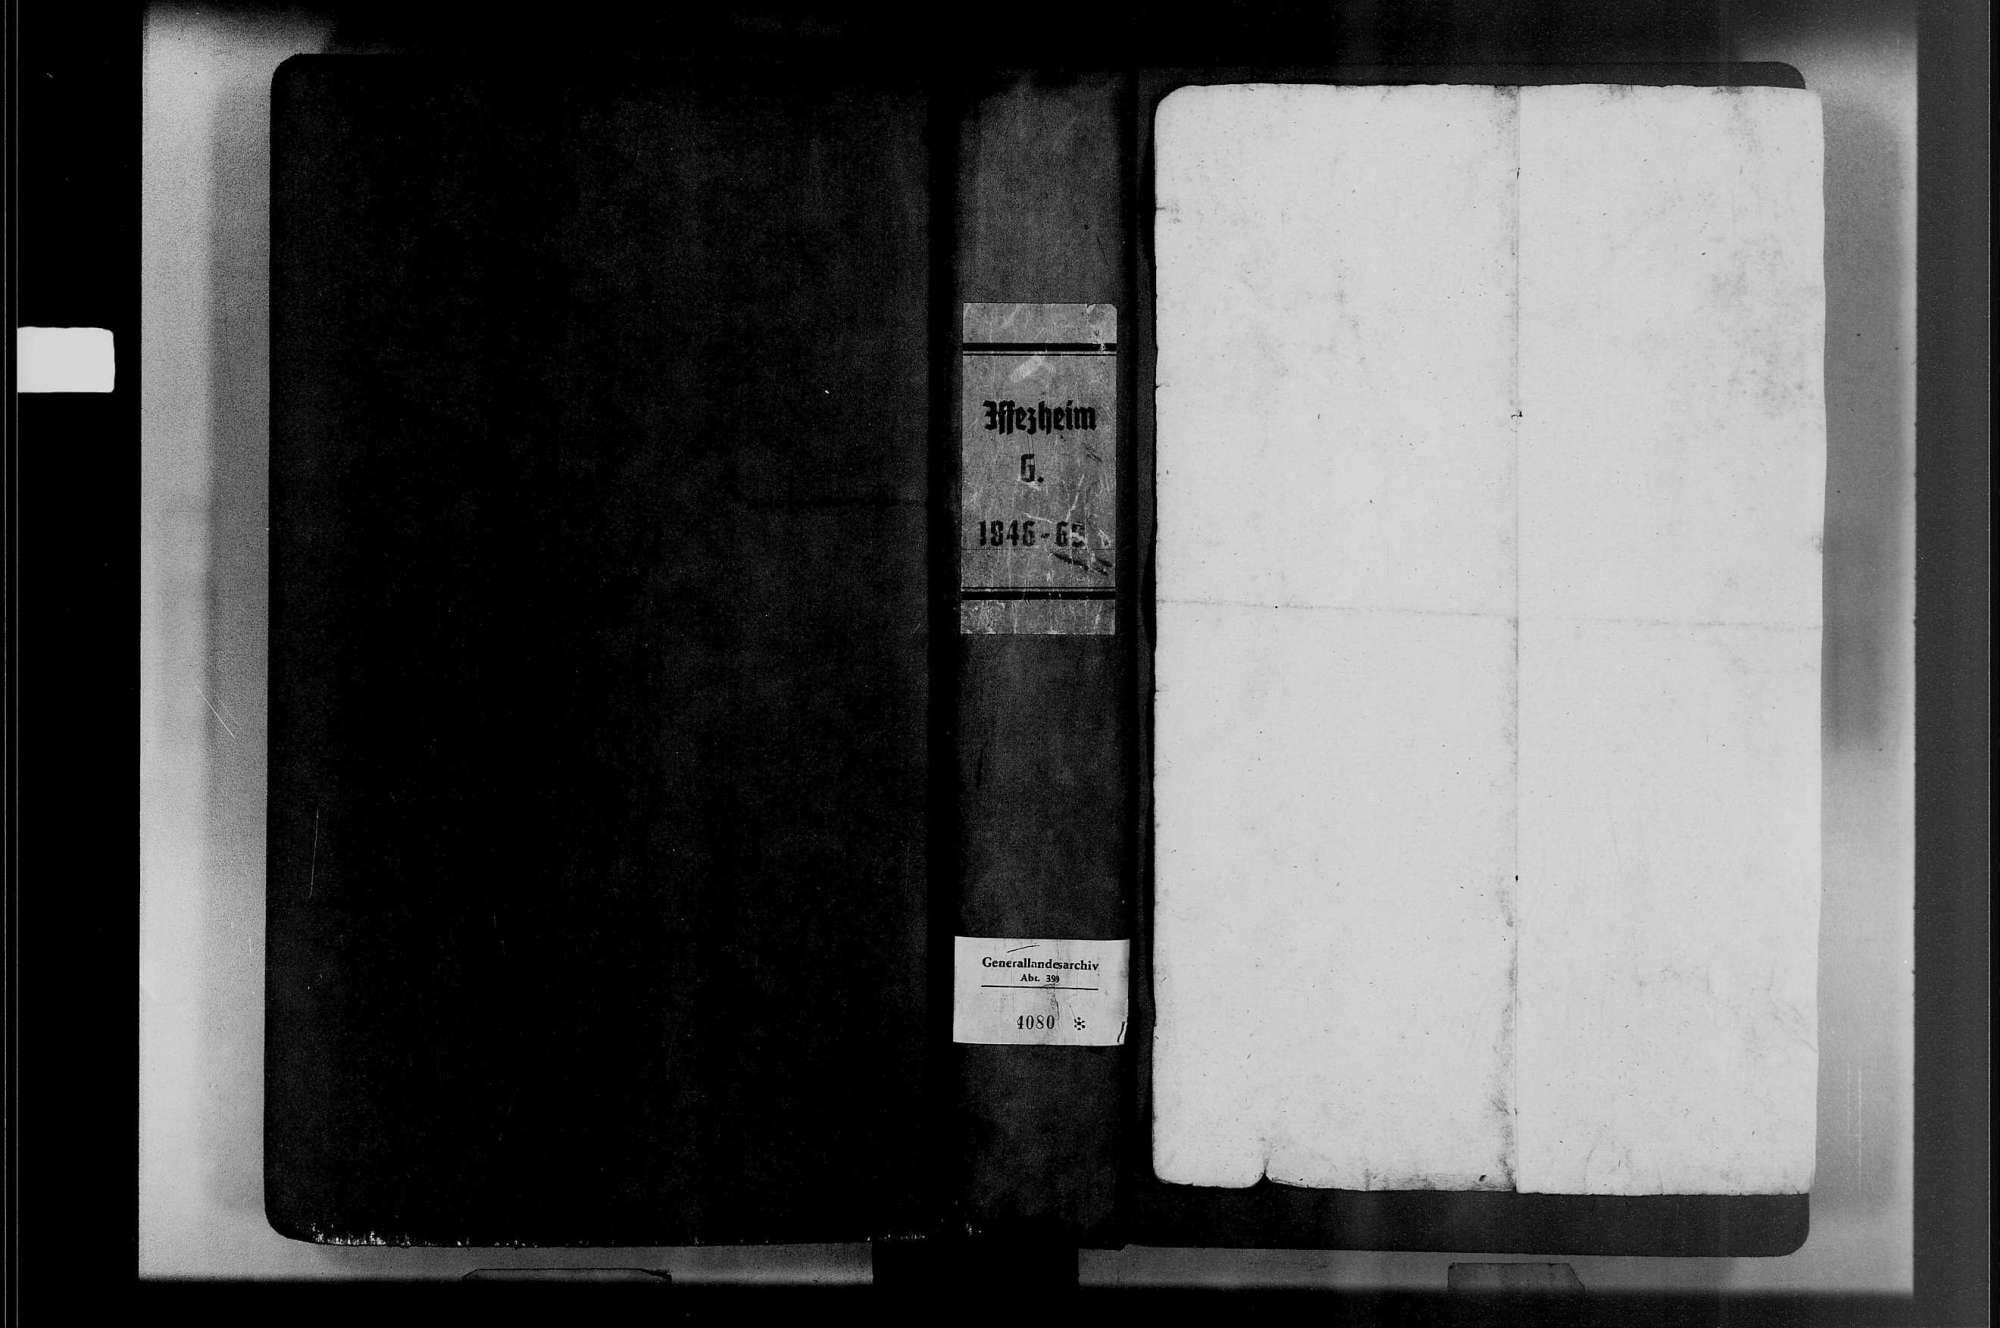 Iffezheim, katholische Gemeinde: Geburtenbuch 1846-1869, Bild 1